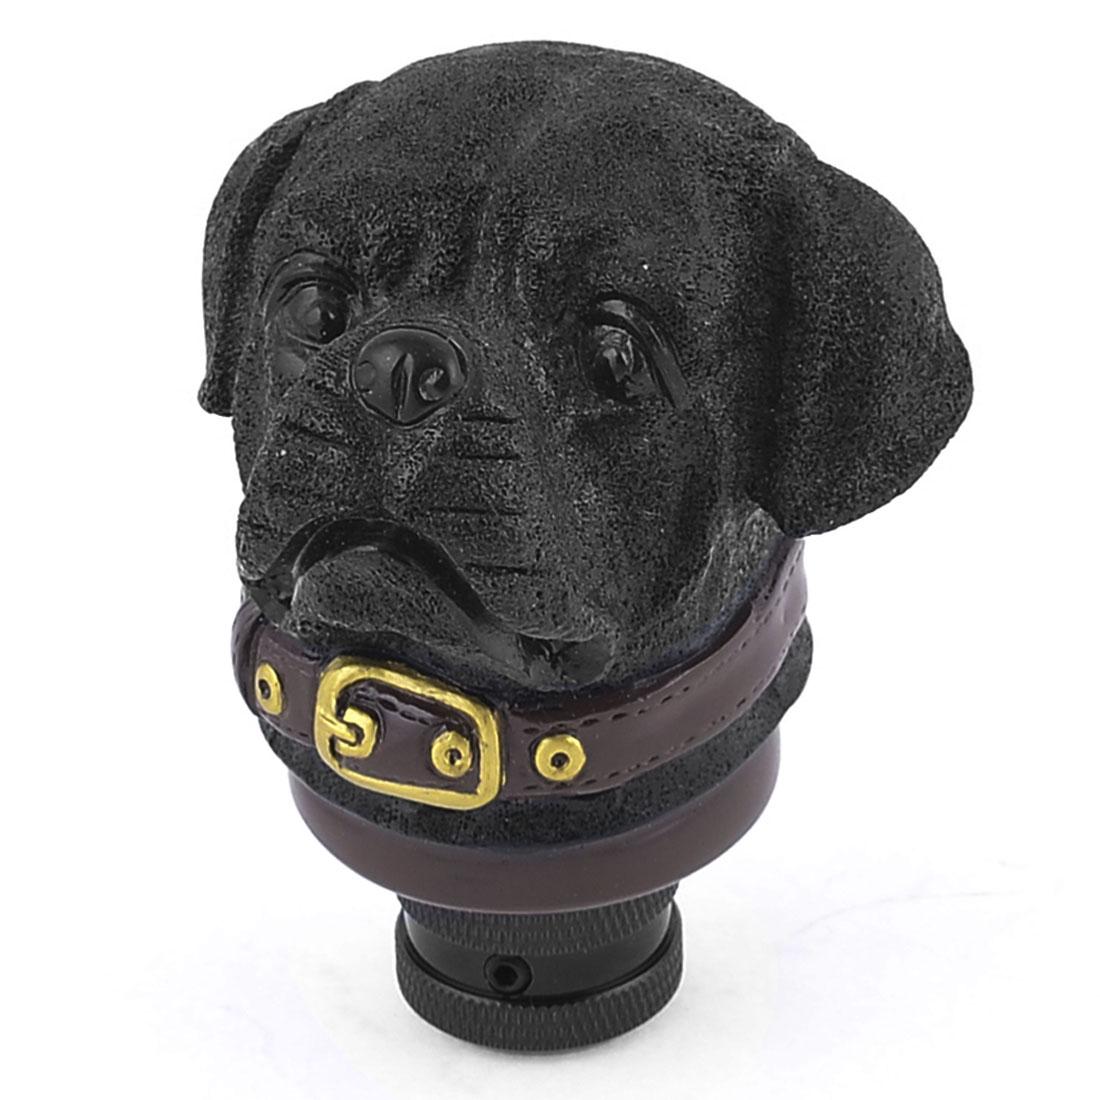 Stone Dog Shape Stick Shifter Gear Shift Knob Black for Car